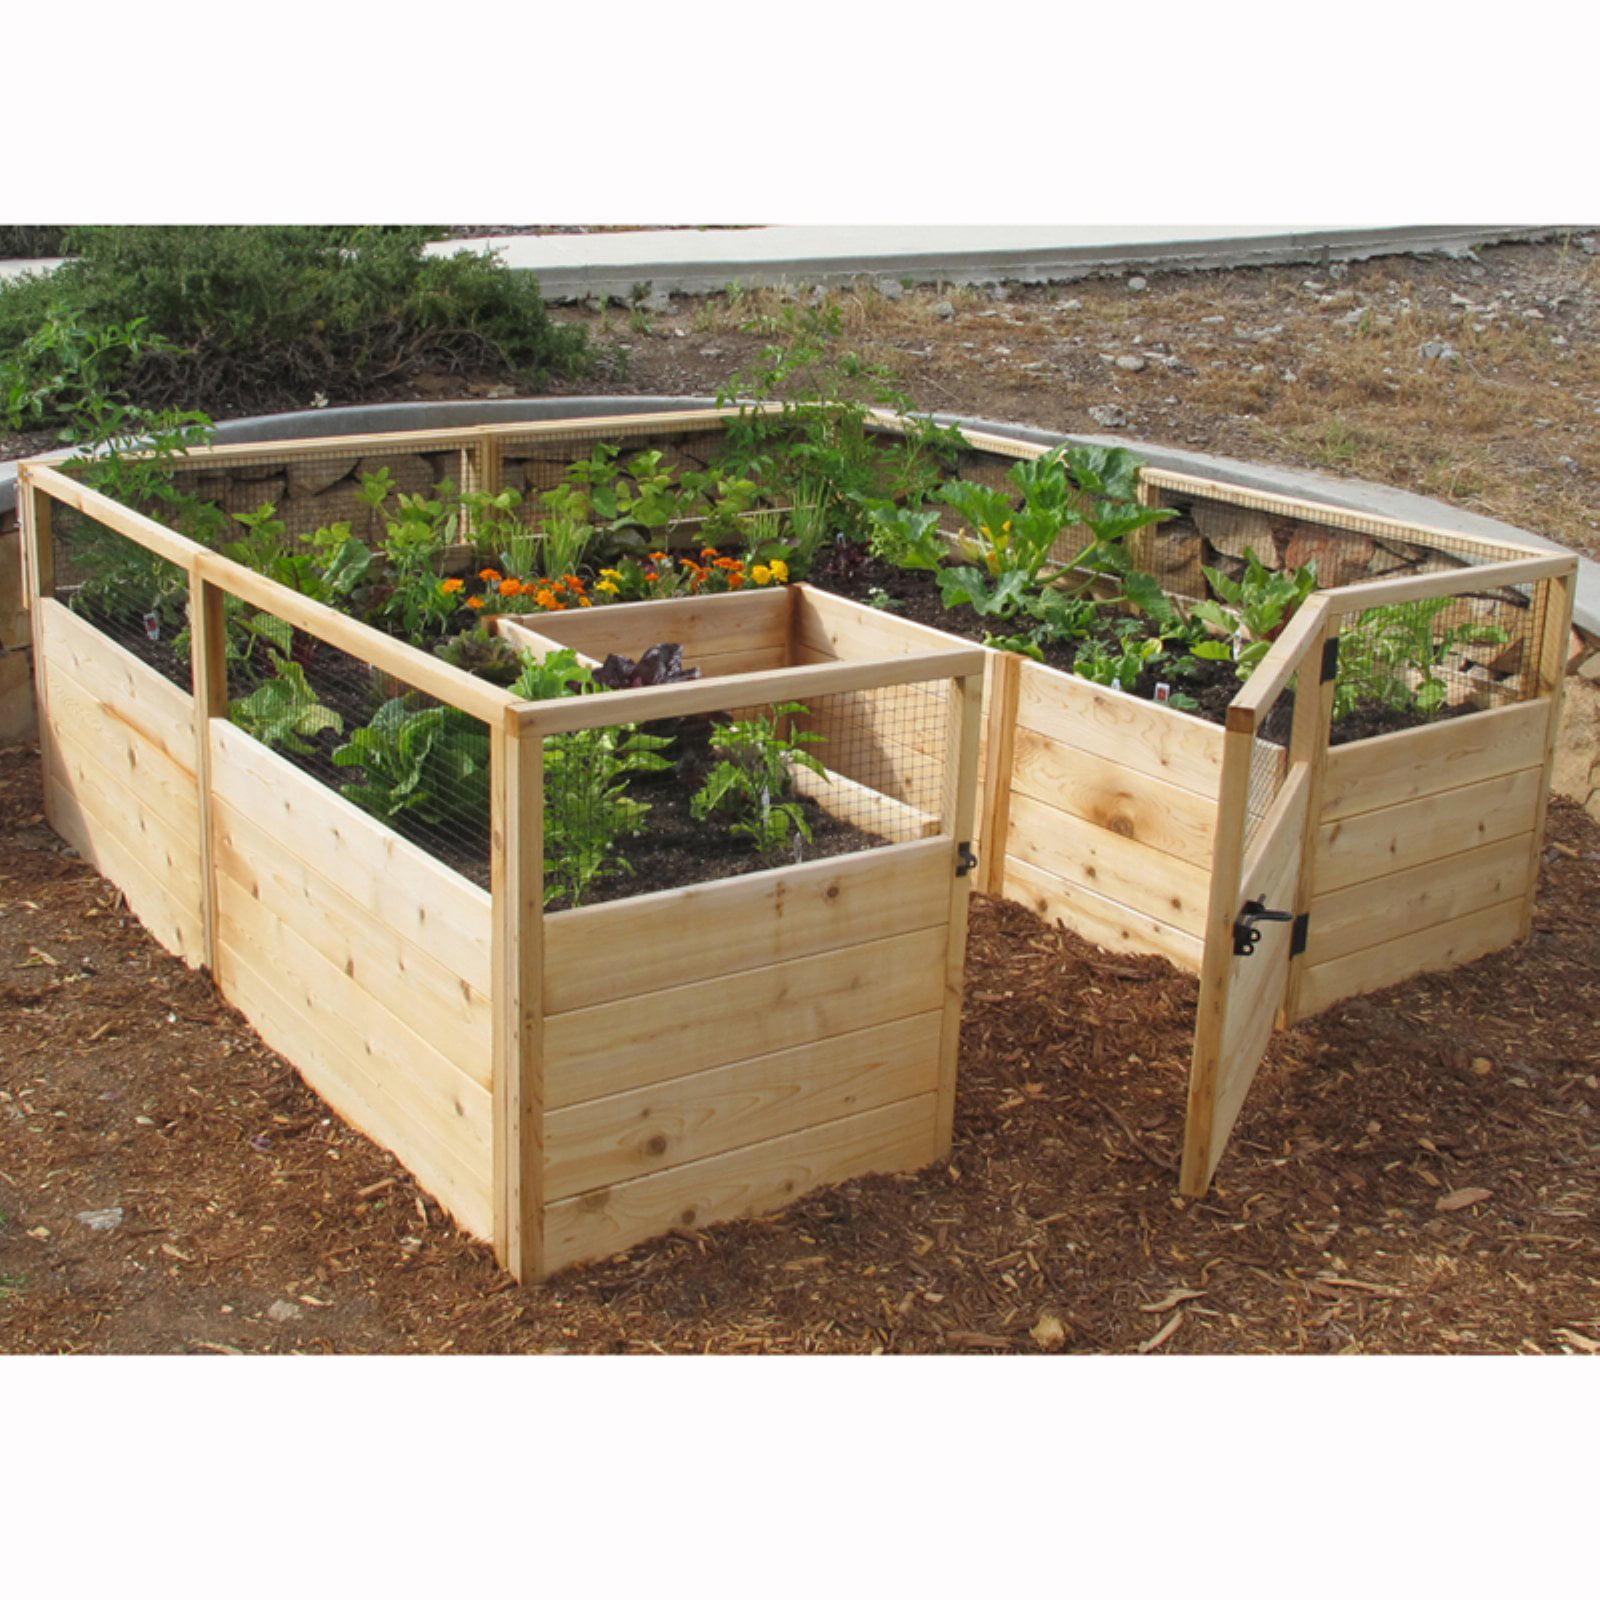 Outdoor Living Today Raised Cedar Garden Bed - 8 x 8 ft. - Walmart.com